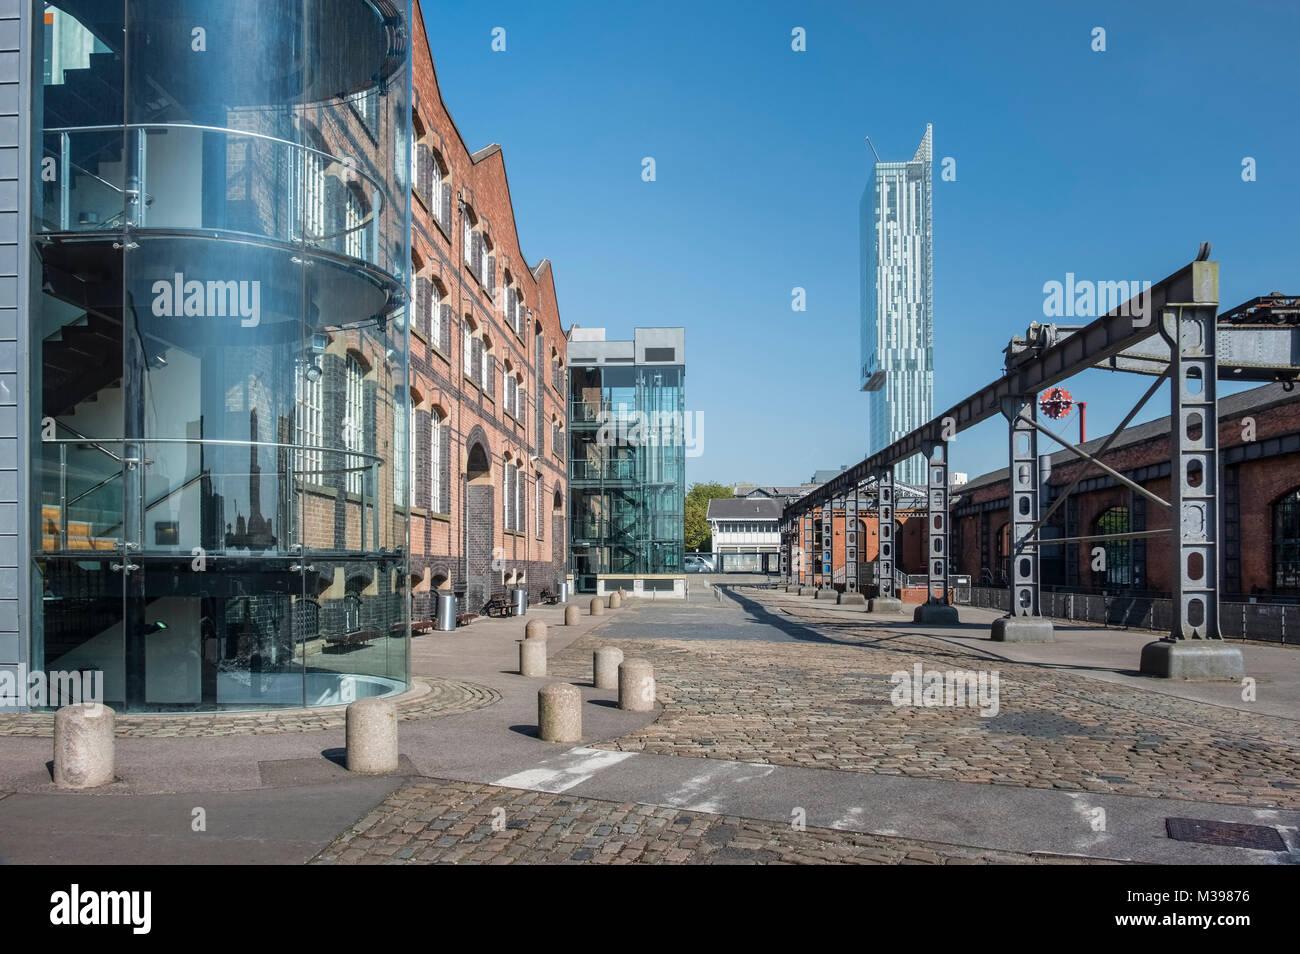 Musée des sciences et de l'industrie de Manchester, MOSI, Greater Manchester, Angleterre, RU Photo Stock